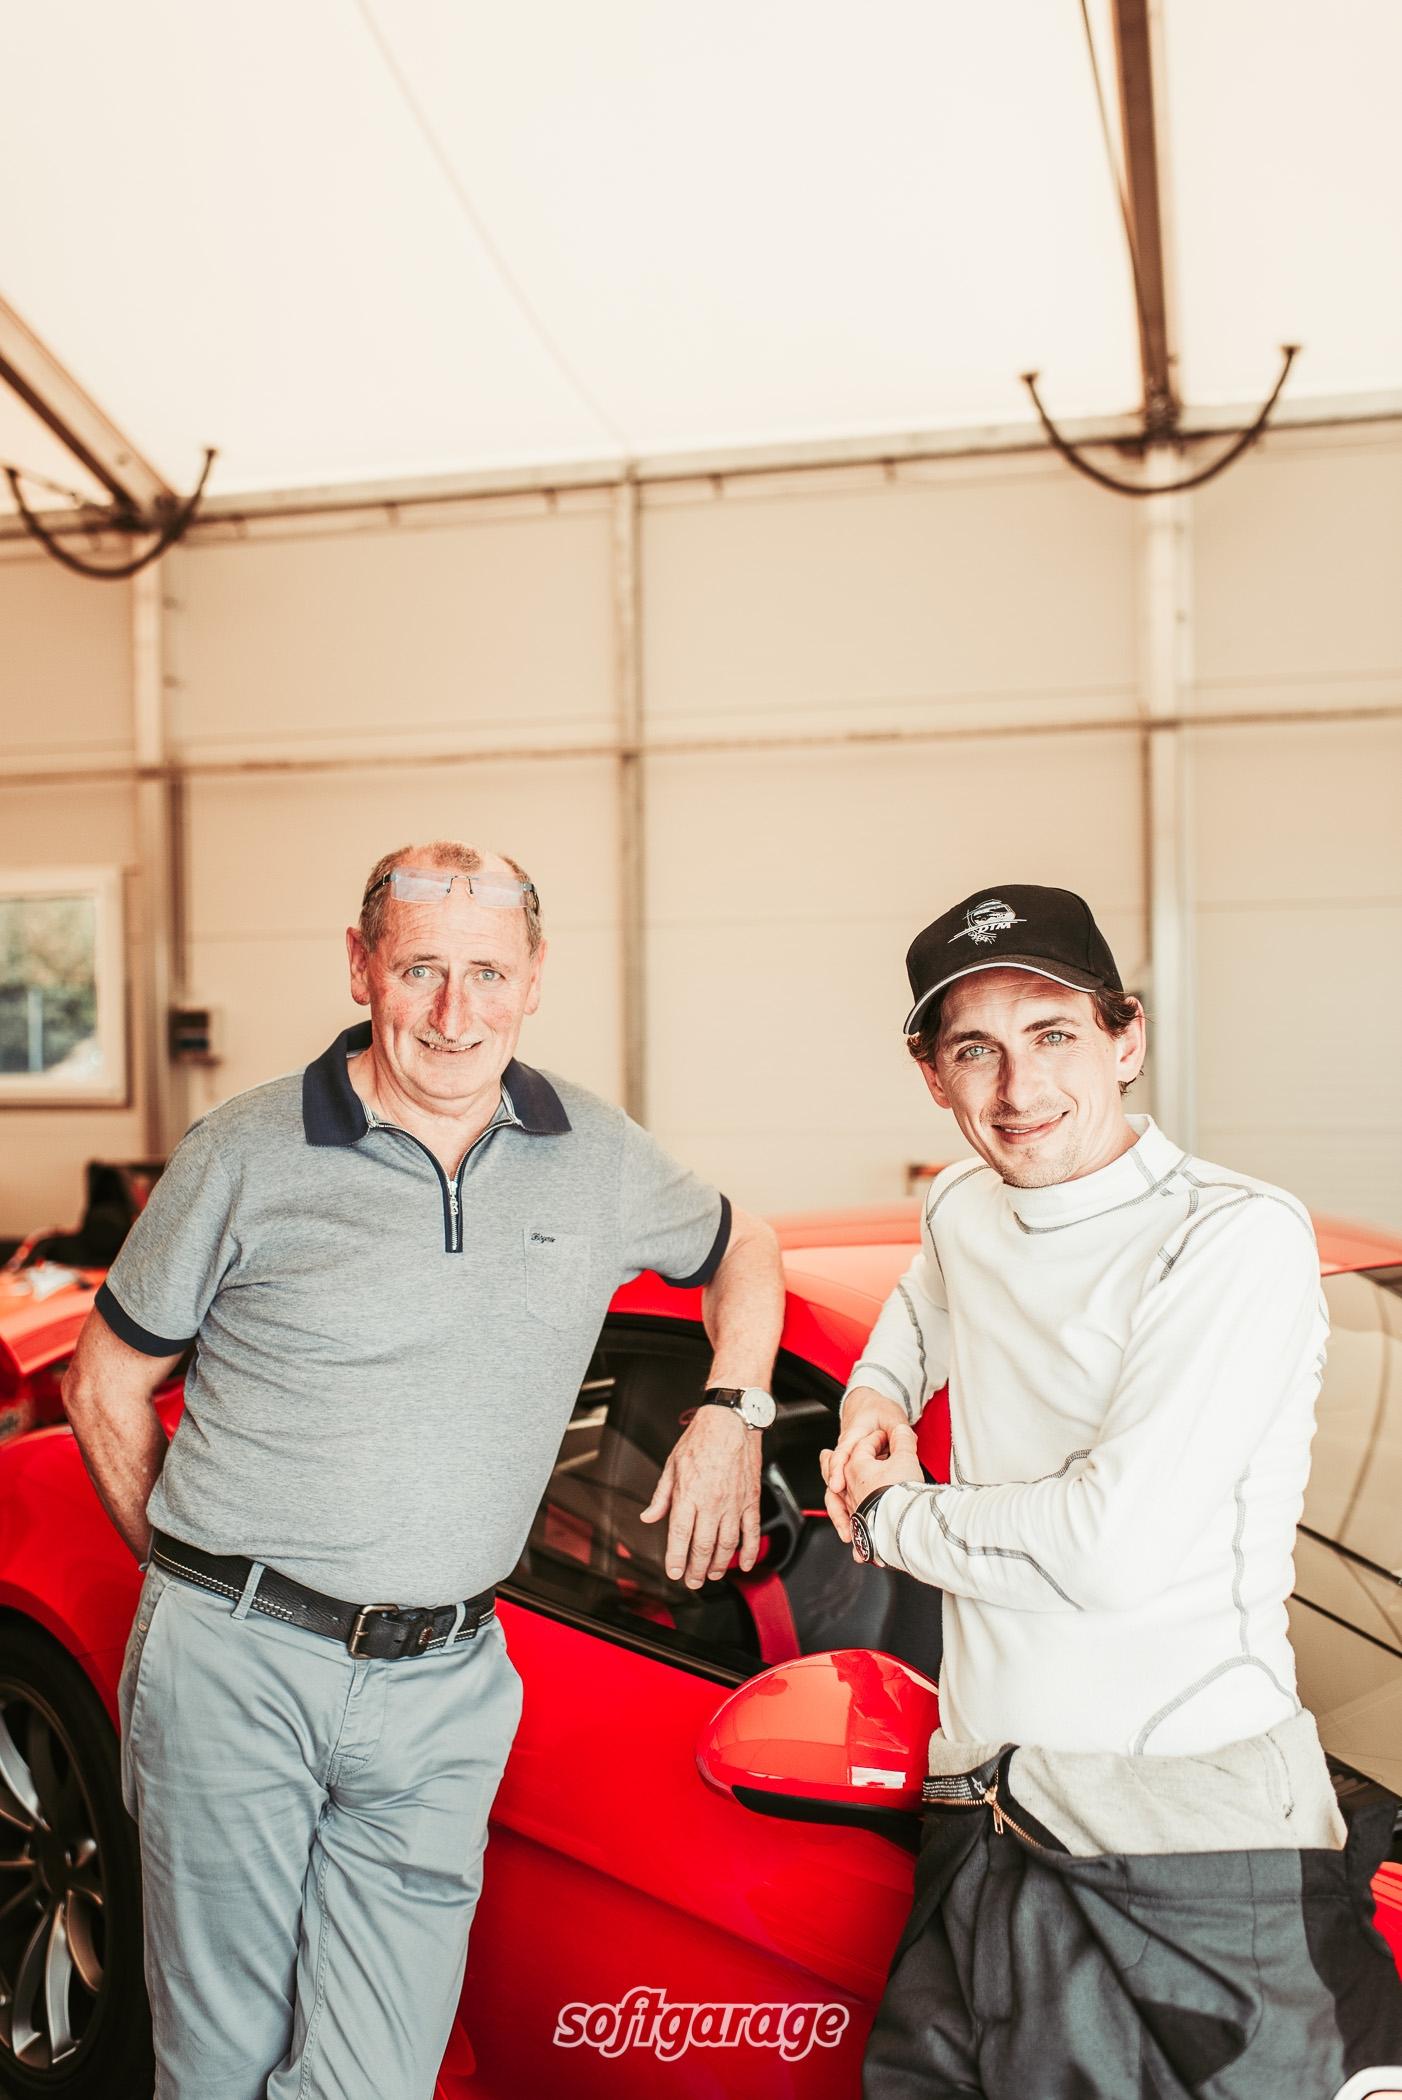 softgarage Porsche GT4 GT3